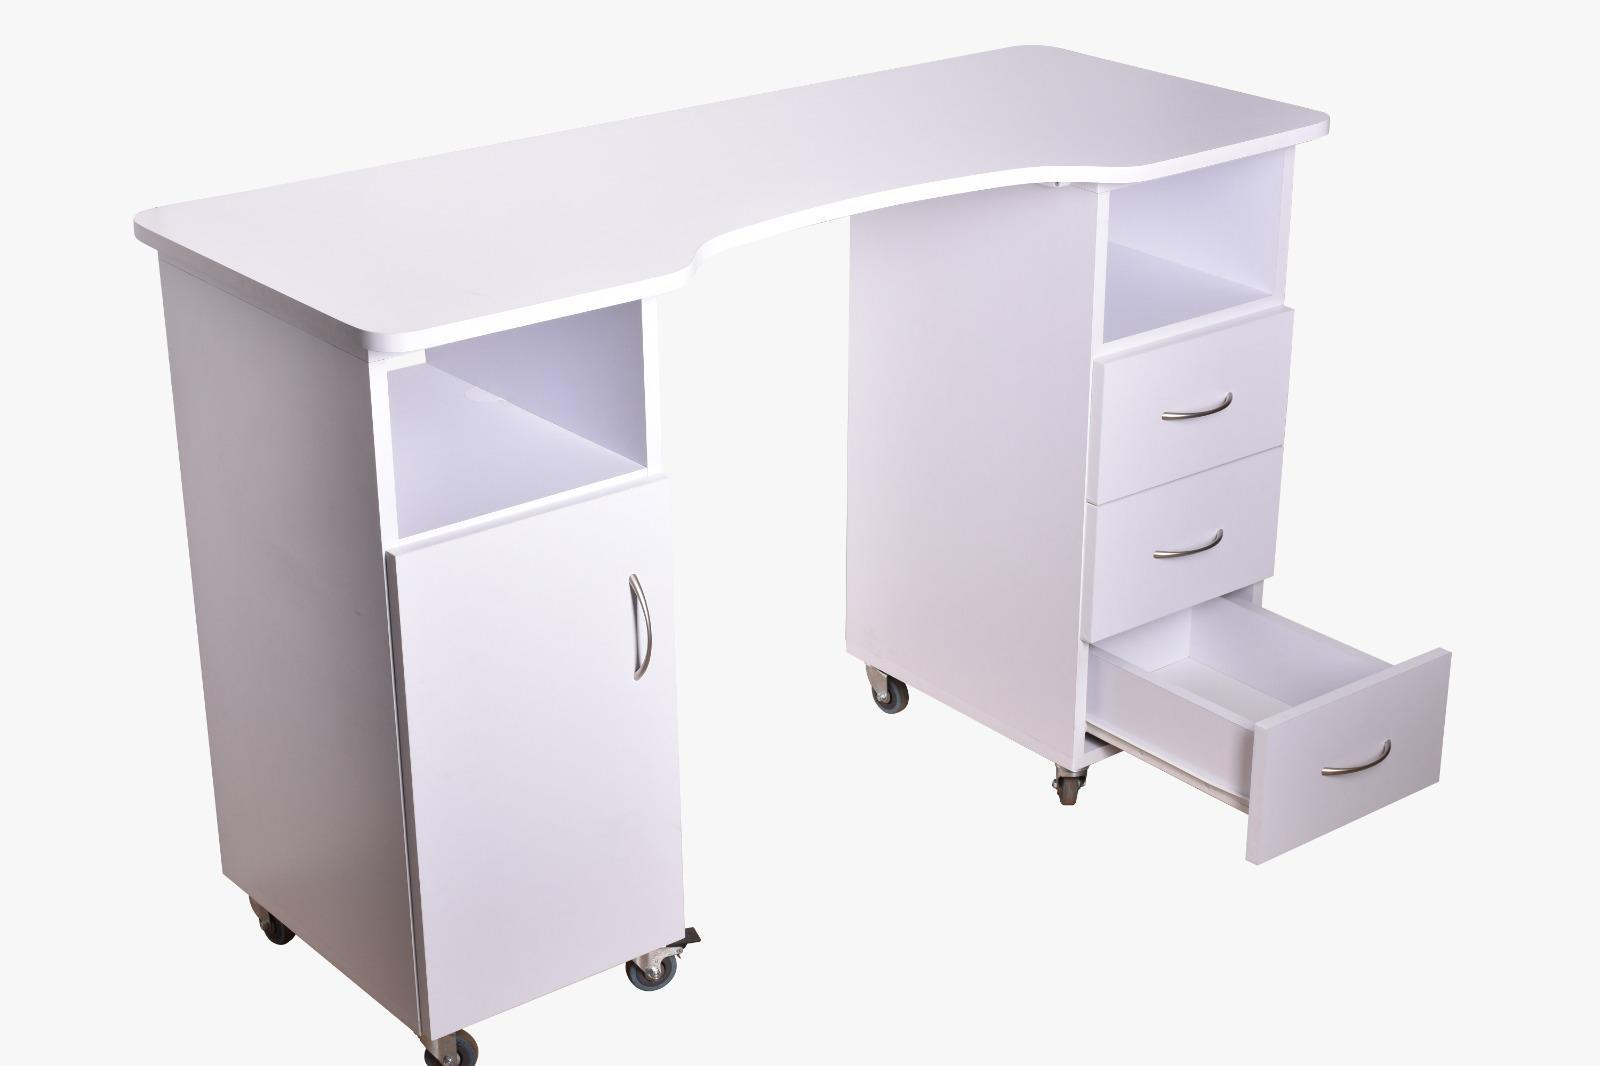 (איסוף עצמי מהחנות בלבד) שולחן עץ עם גלגלים S-04